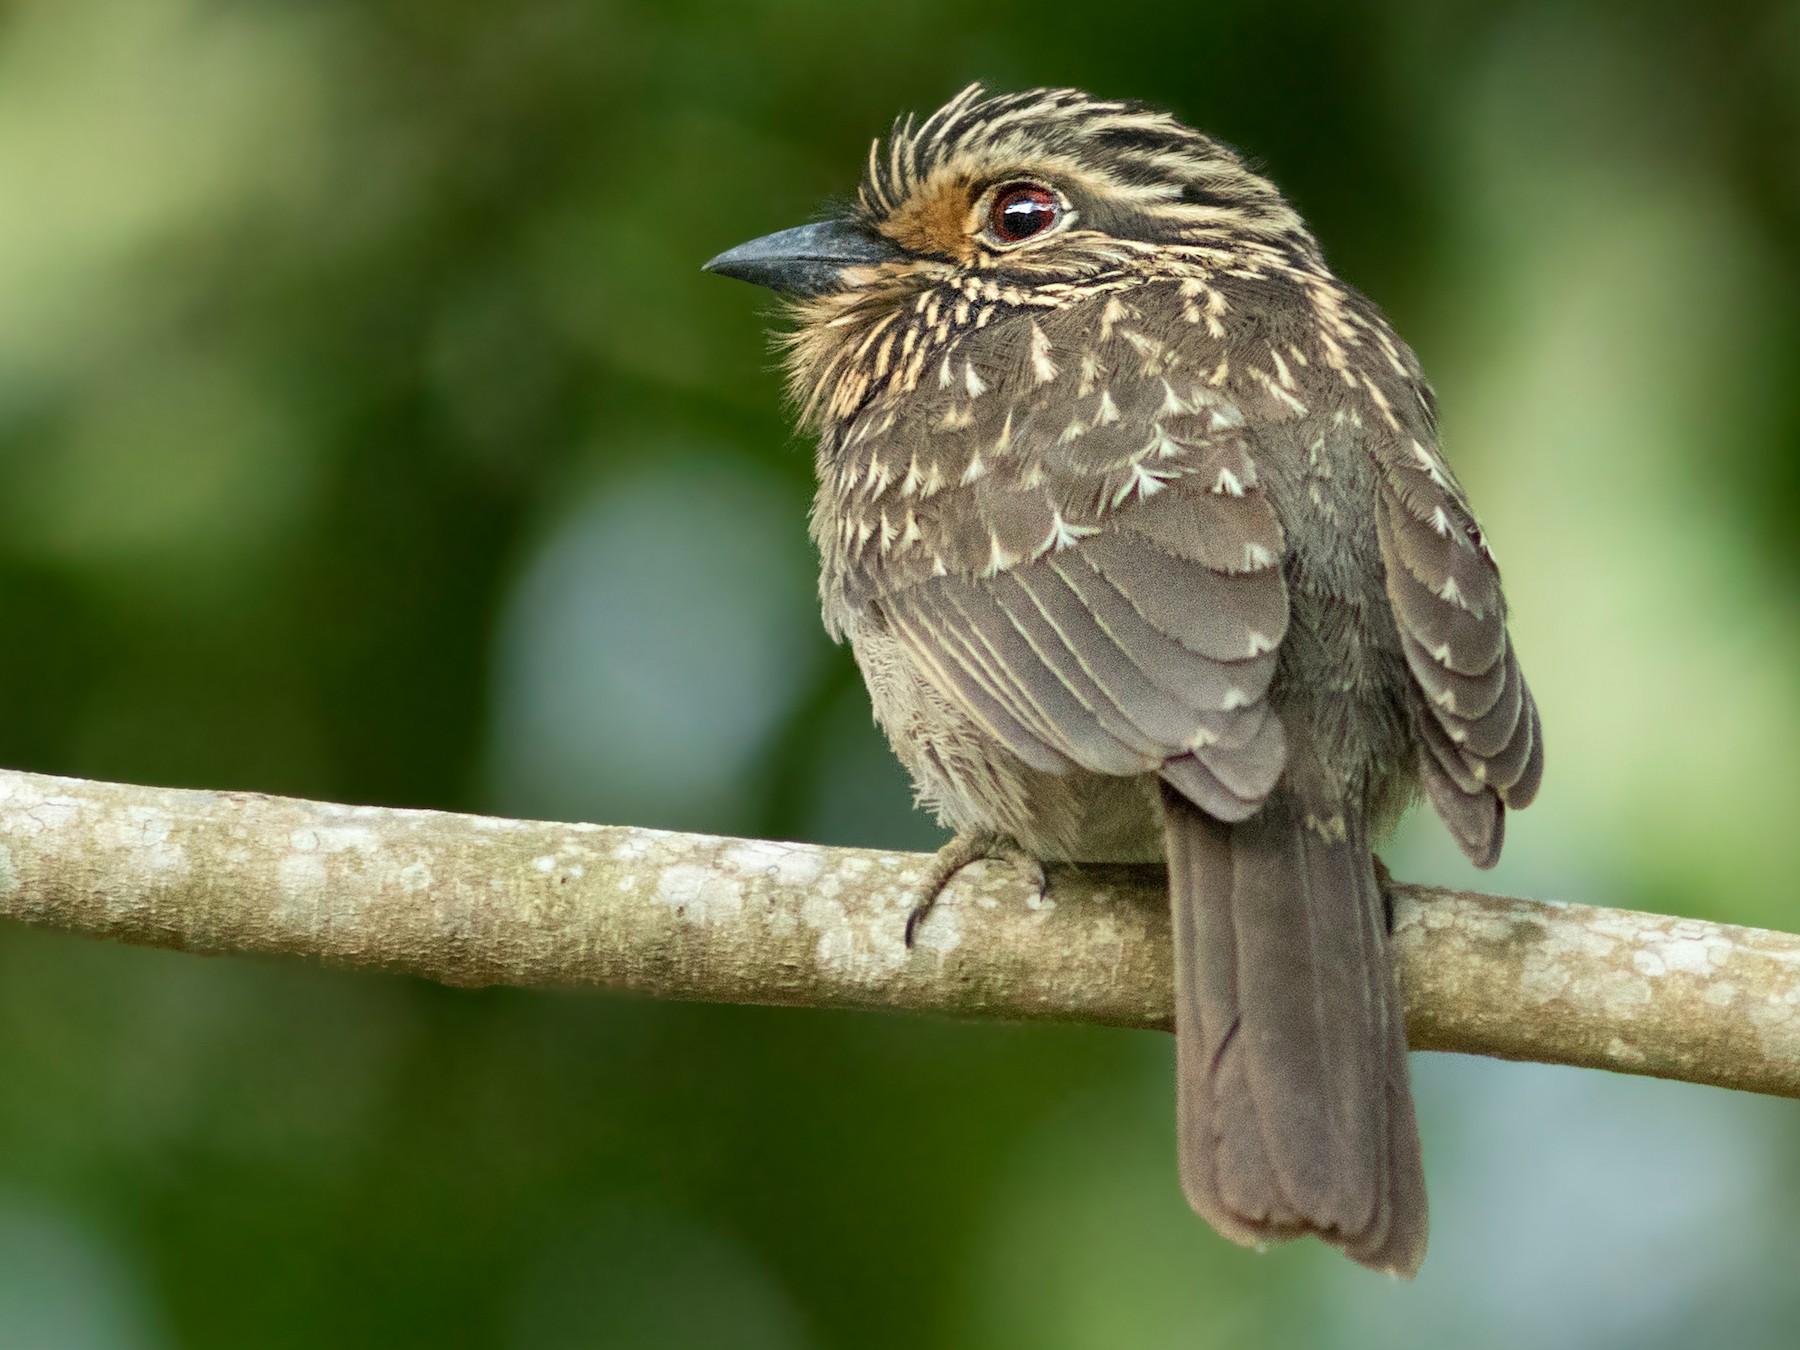 Crescent-chested Puffbird - Caio Brito